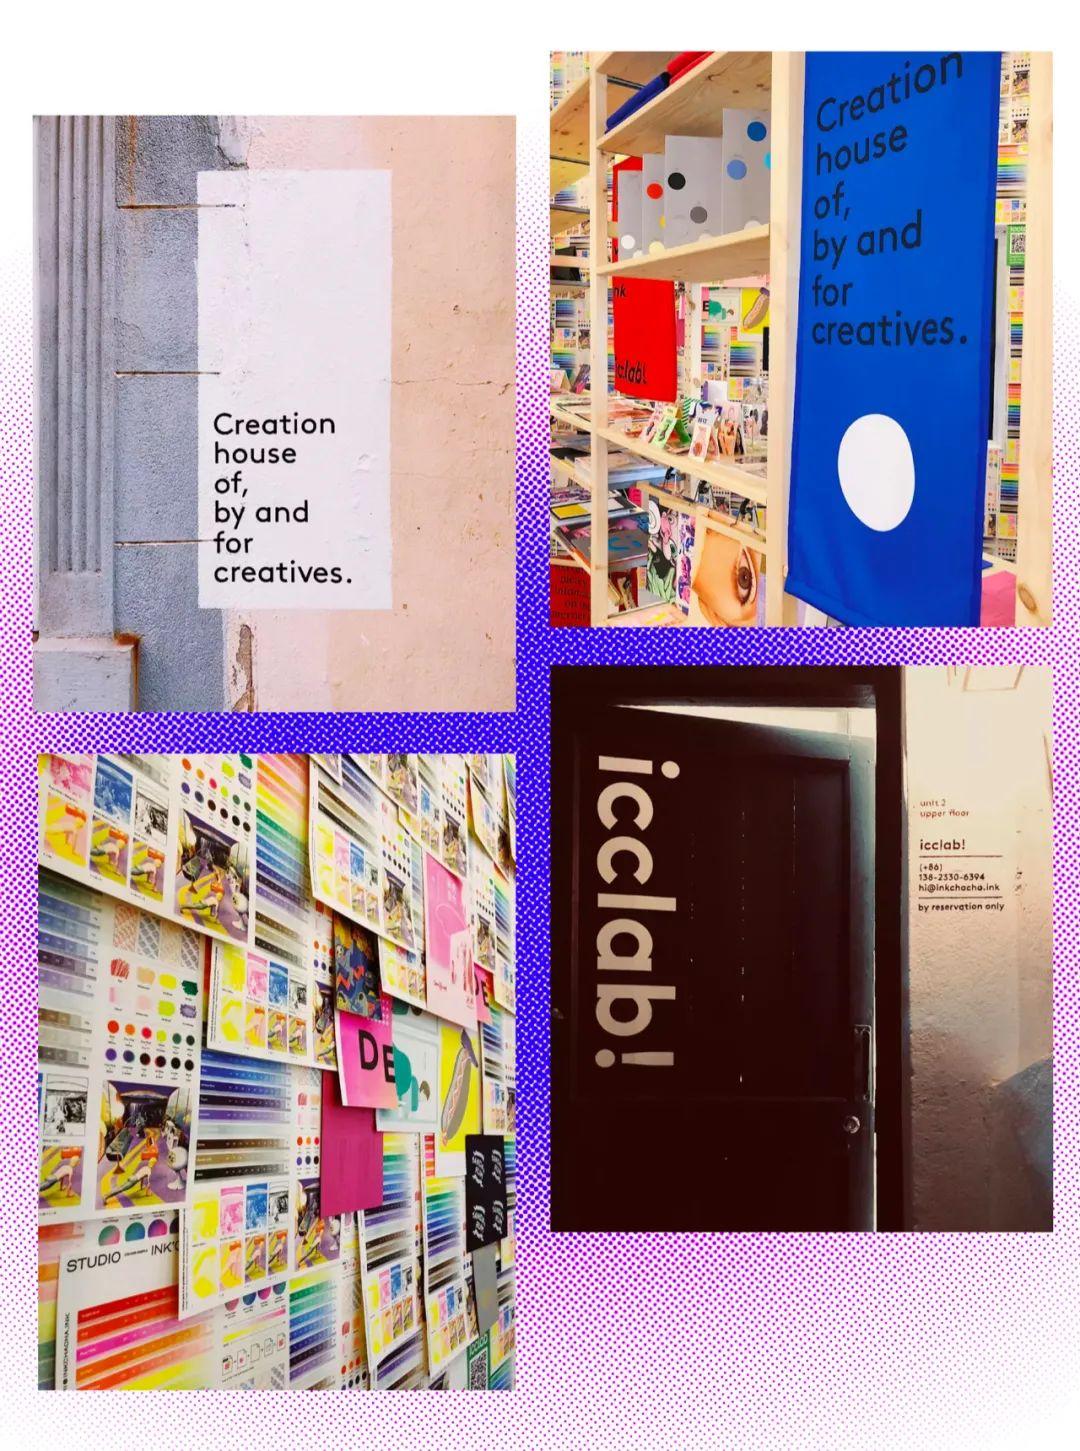 西安印务隐藏在你身边的小众印刷工作室 西安装修资讯 丰雄广告第6张